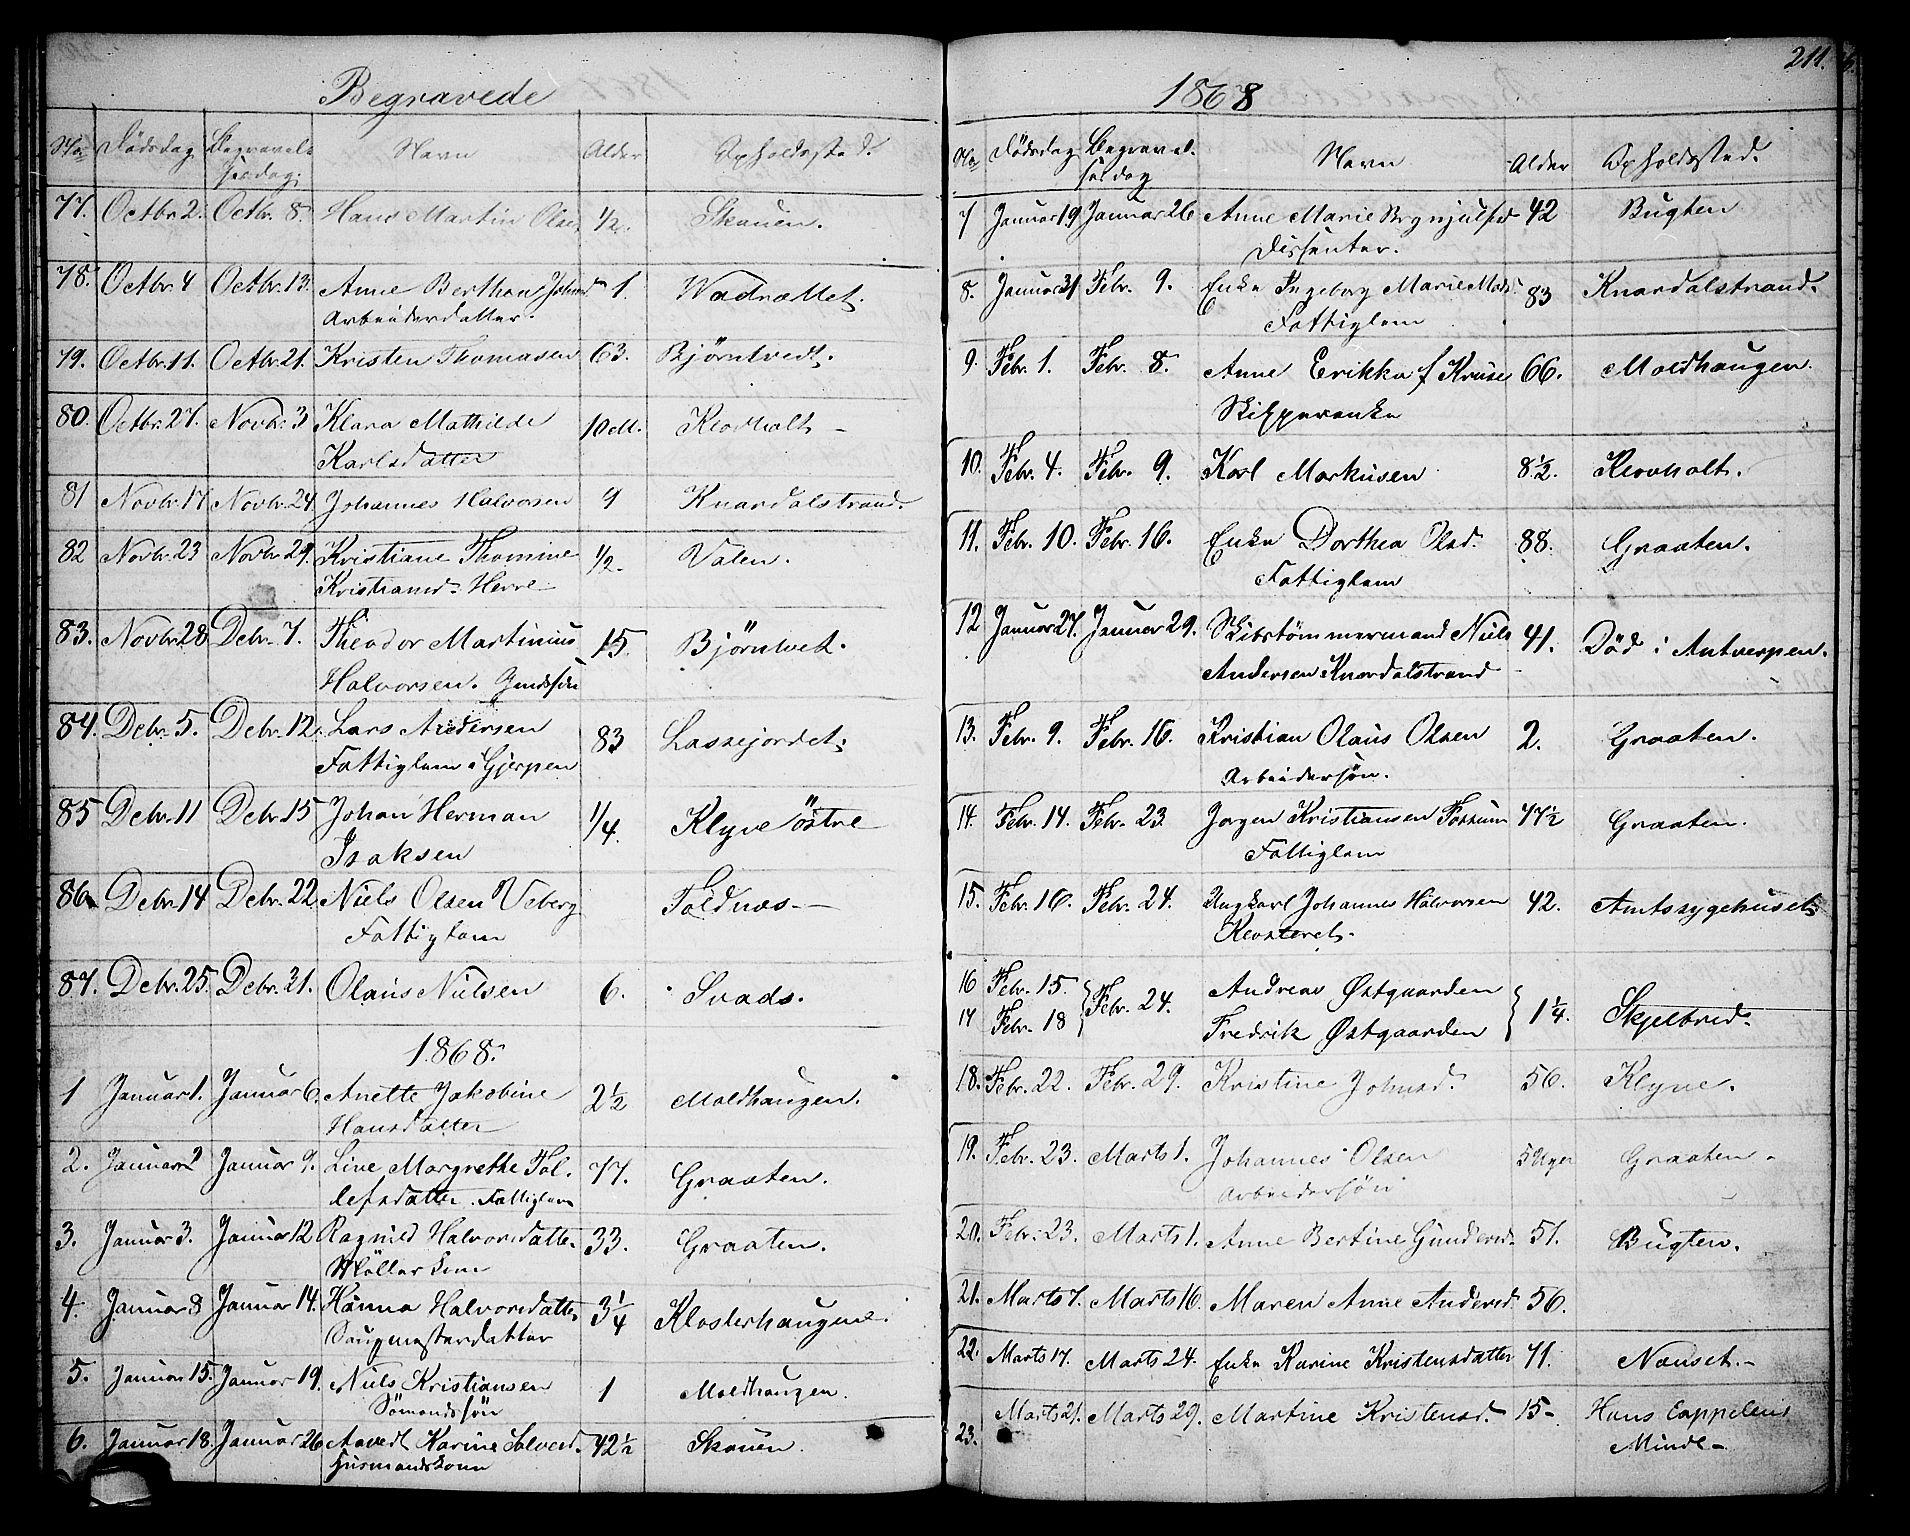 SAKO, Solum kirkebøker, G/Ga/L0004: Klokkerbok nr. I 4, 1859-1876, s. 211